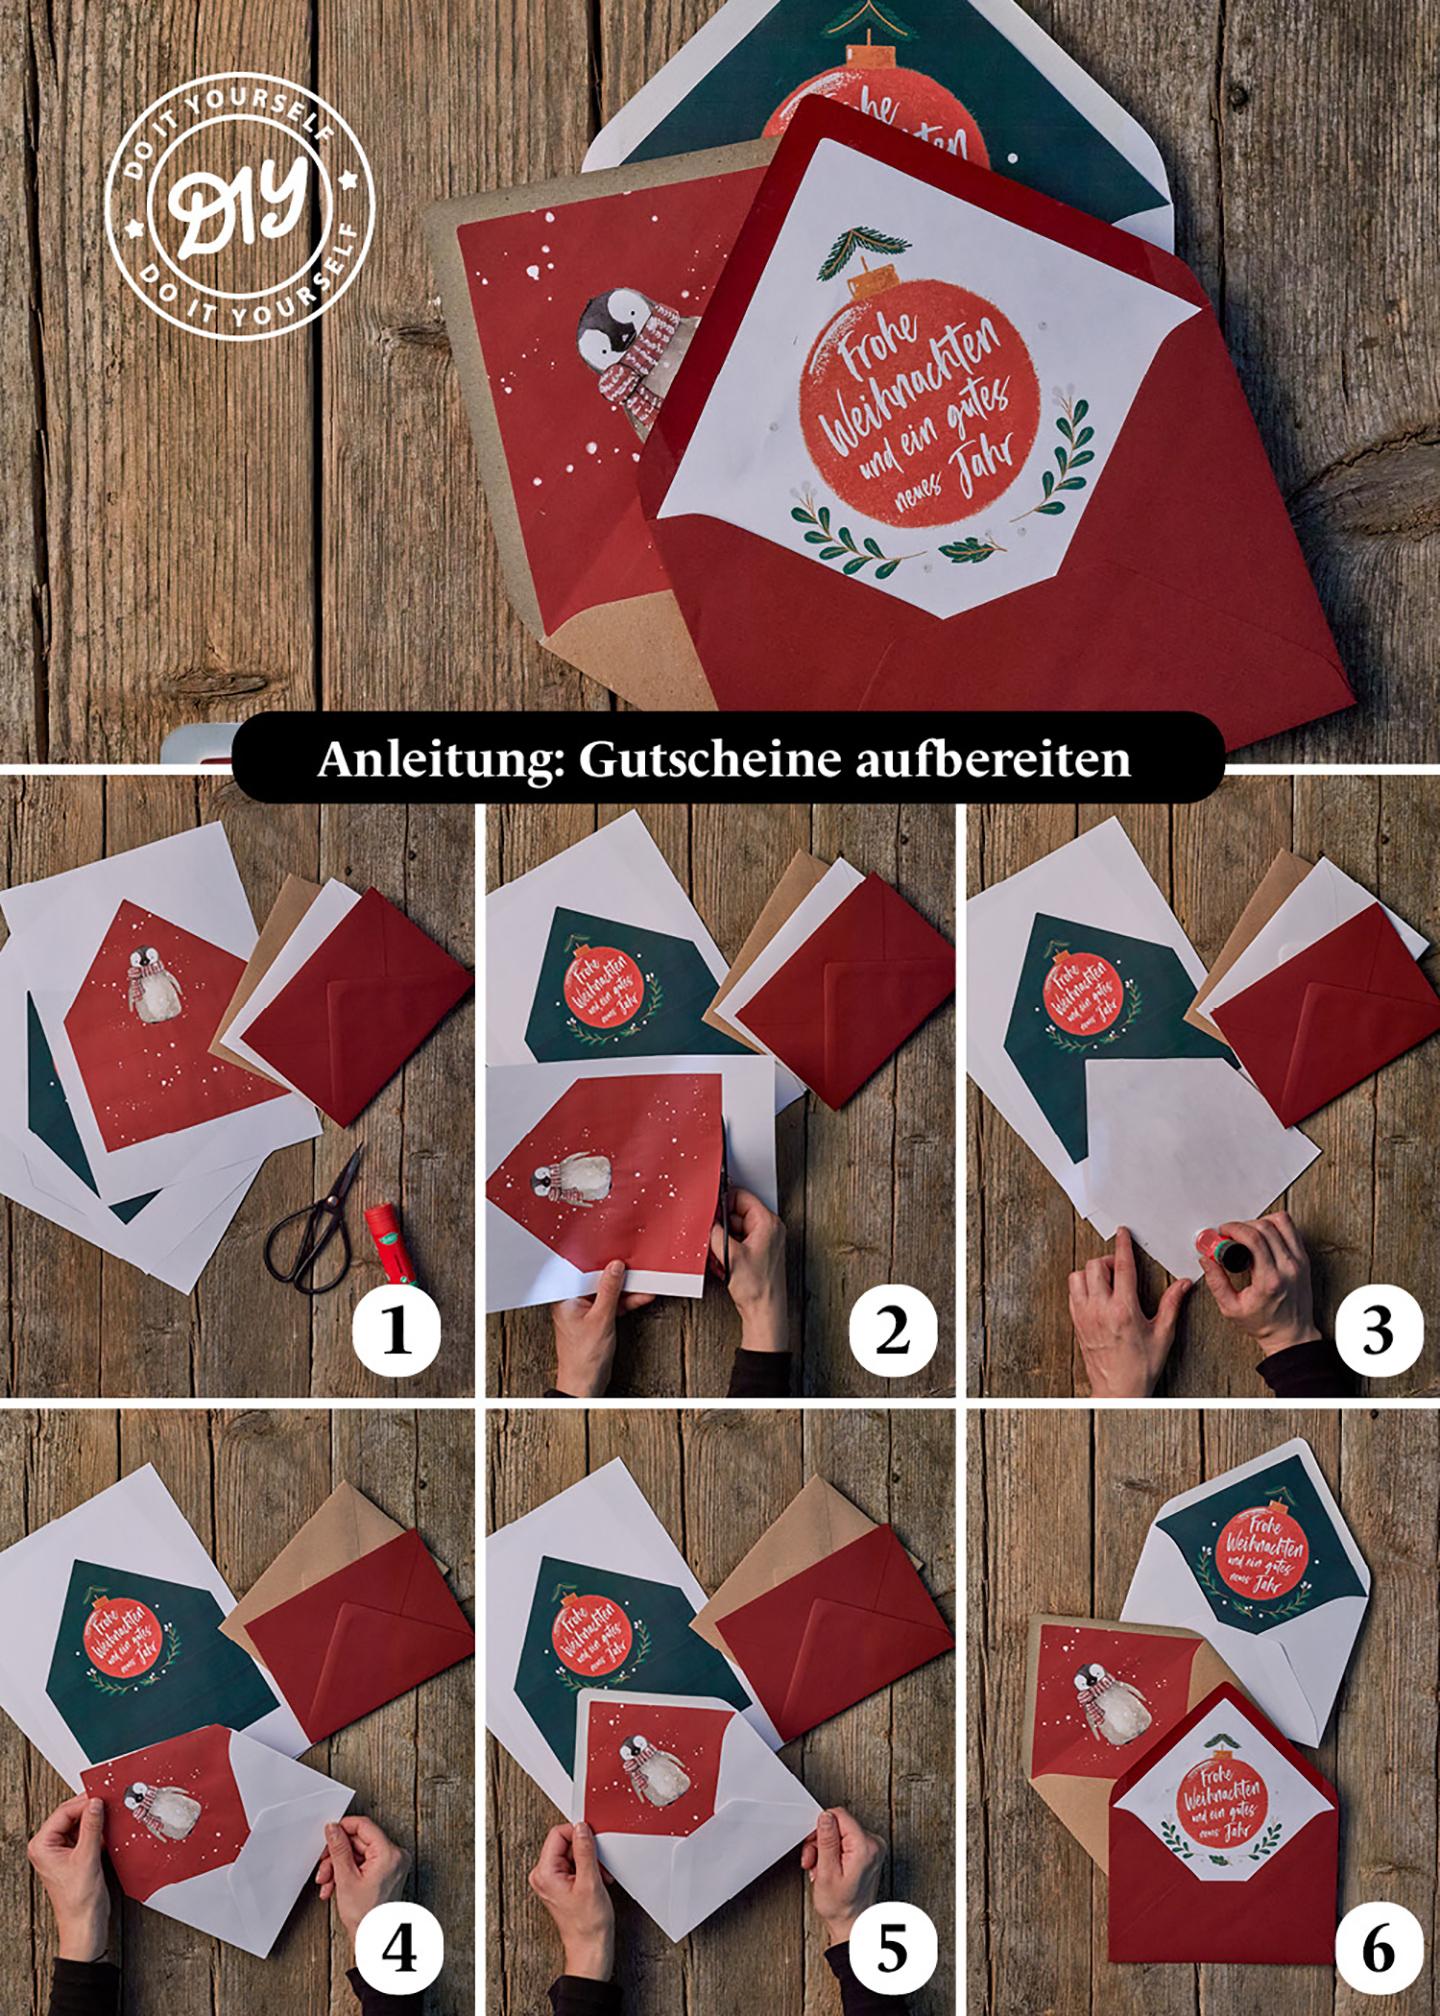 Anleitung für das richtige Verpacken eines wundervollen Gutscheins zu Weihnachten. Schritt für Schritt Anleitung, um die Liebsten zu überraschen.